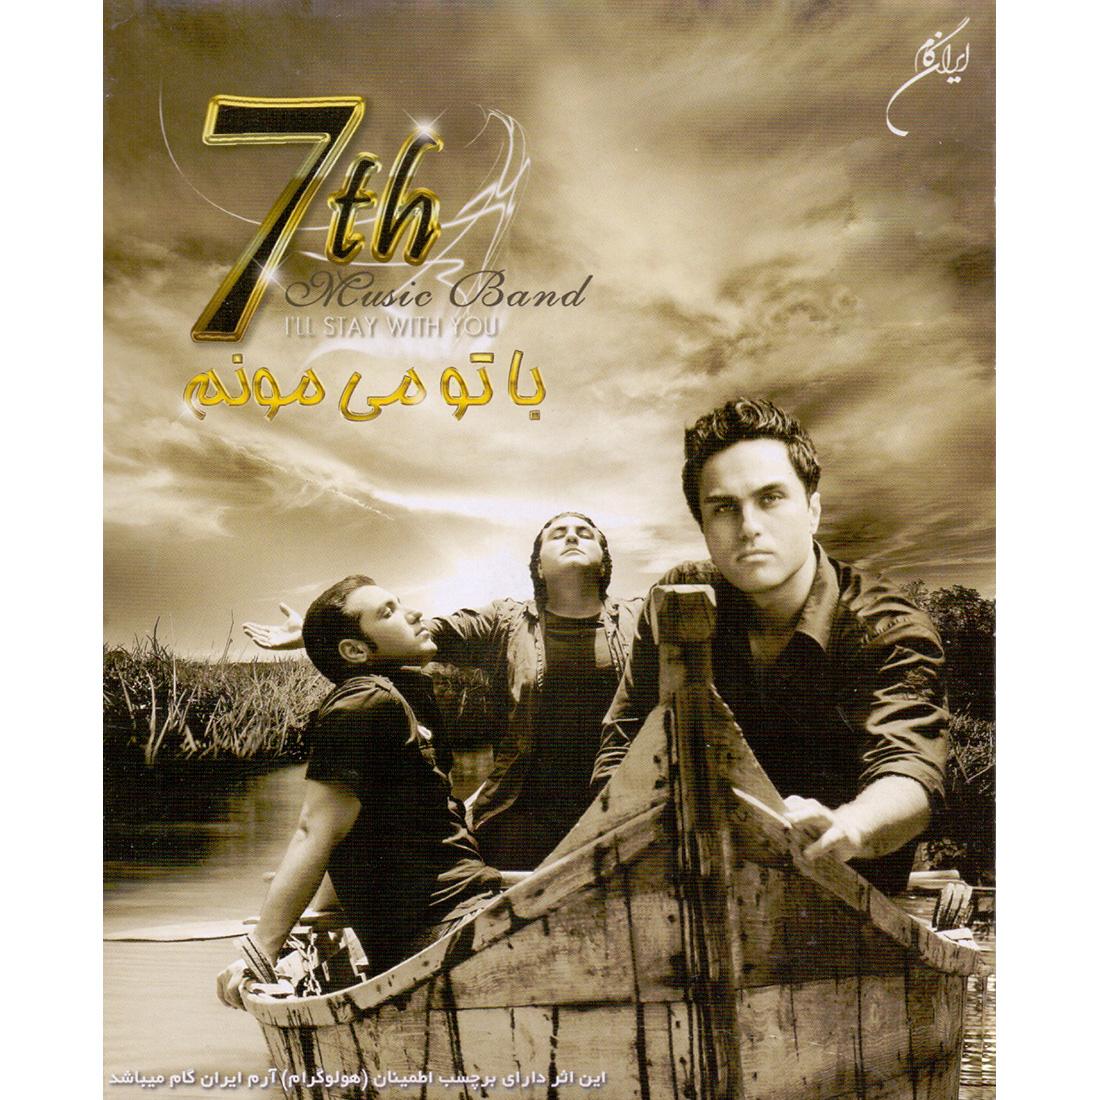 آلبوم موسیقی با تو می مونم اثر گروه سون نشر ایران گام